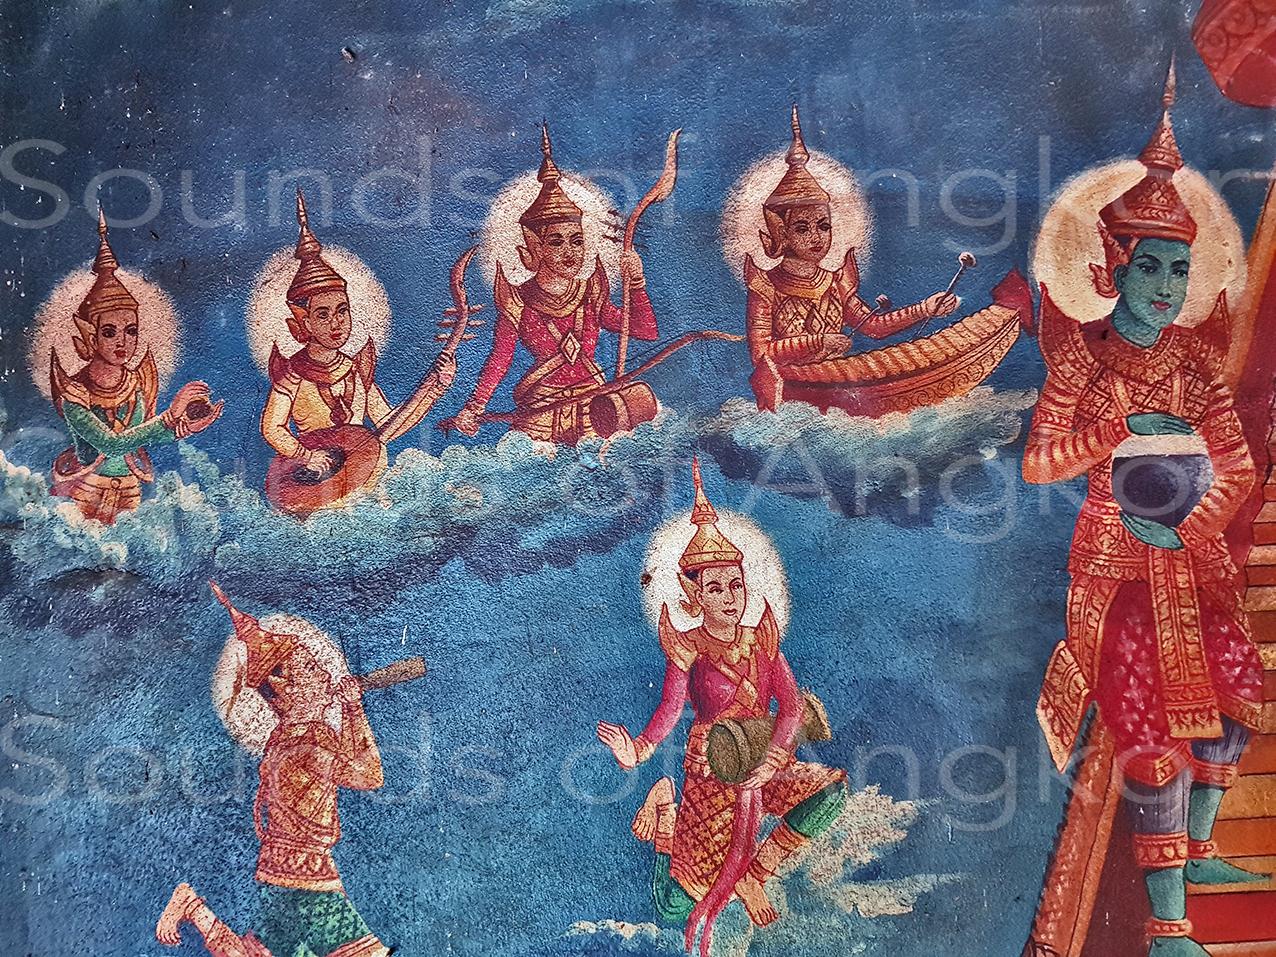 Vat Lolei. Dist. Bakong, Descente du Bouddha du ciel des trente-trois dieux accueilli par des musiciens. Prov. Siem Reap. 2020.